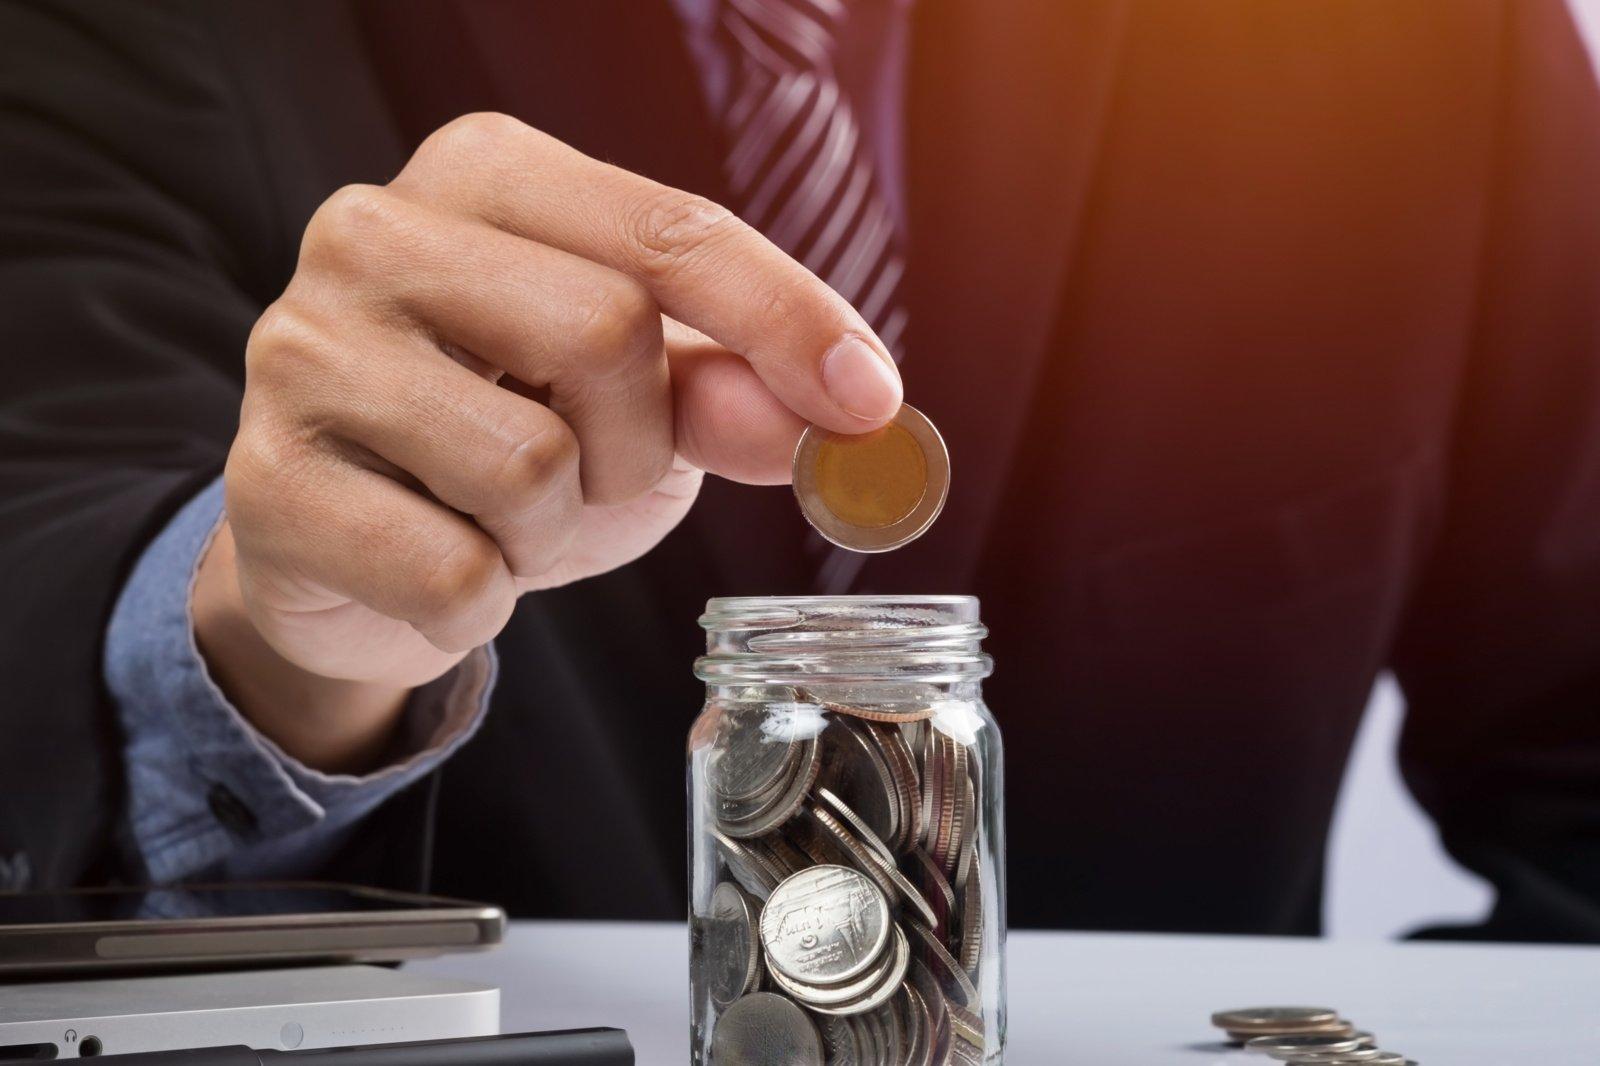 70/30 finansų taisyklė arba kodėl turtingi žmonės neišlaidauja prabangos prekėms